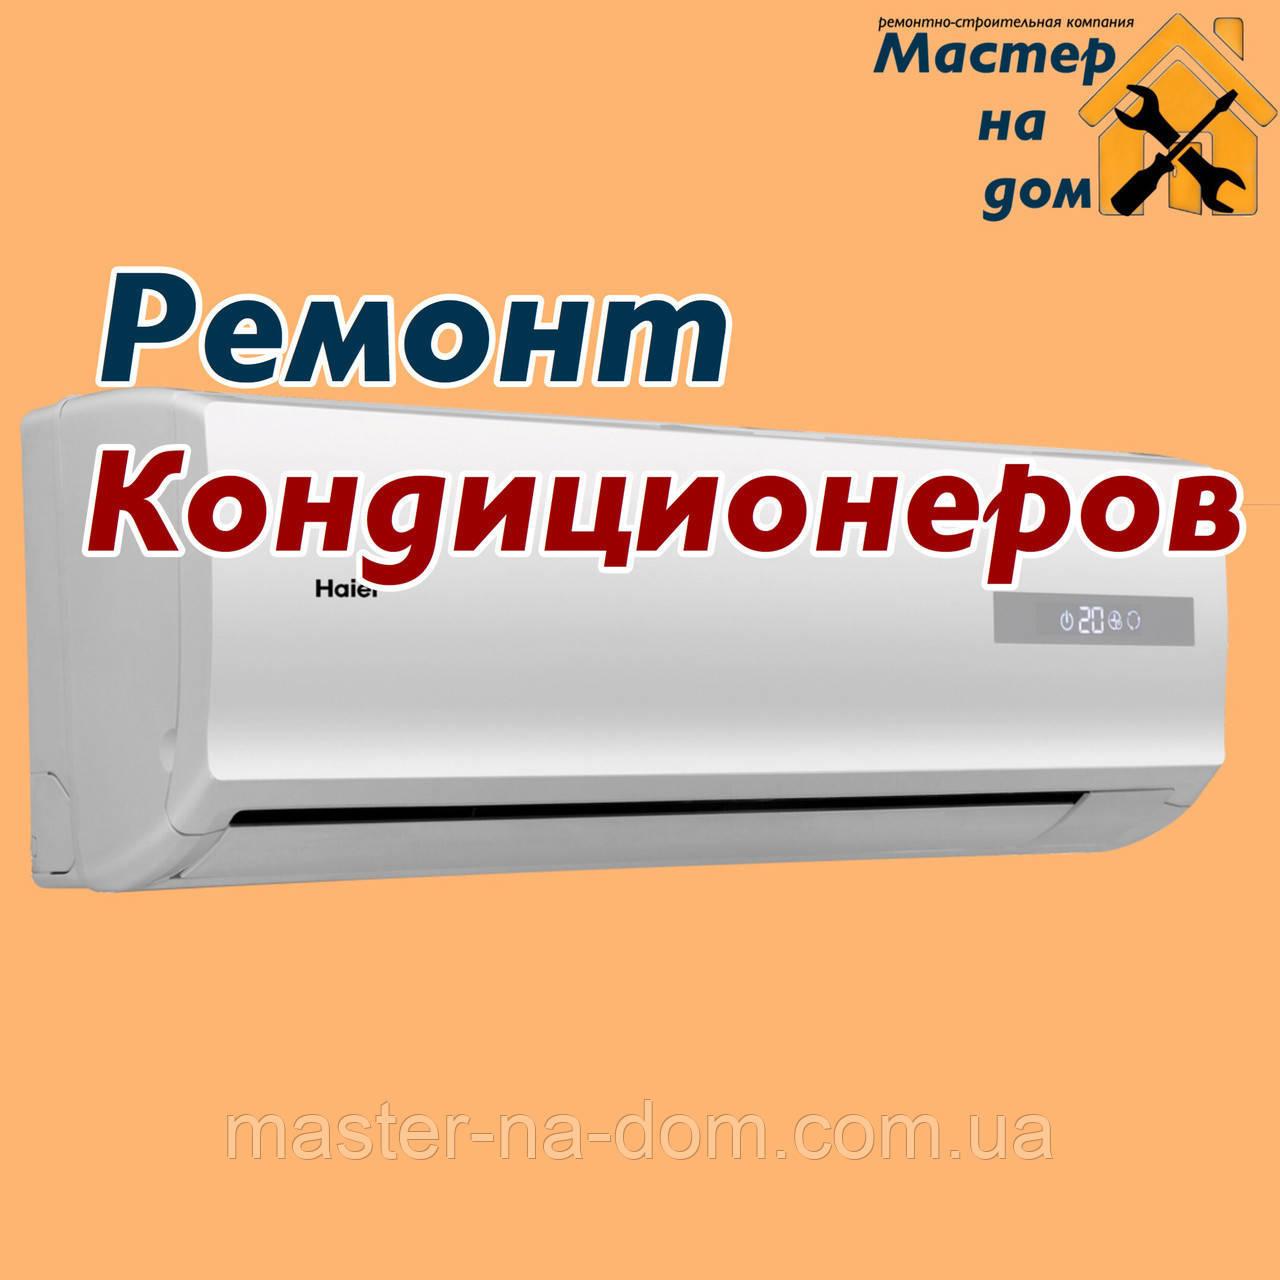 Ремонт кондиционеров в Ровном